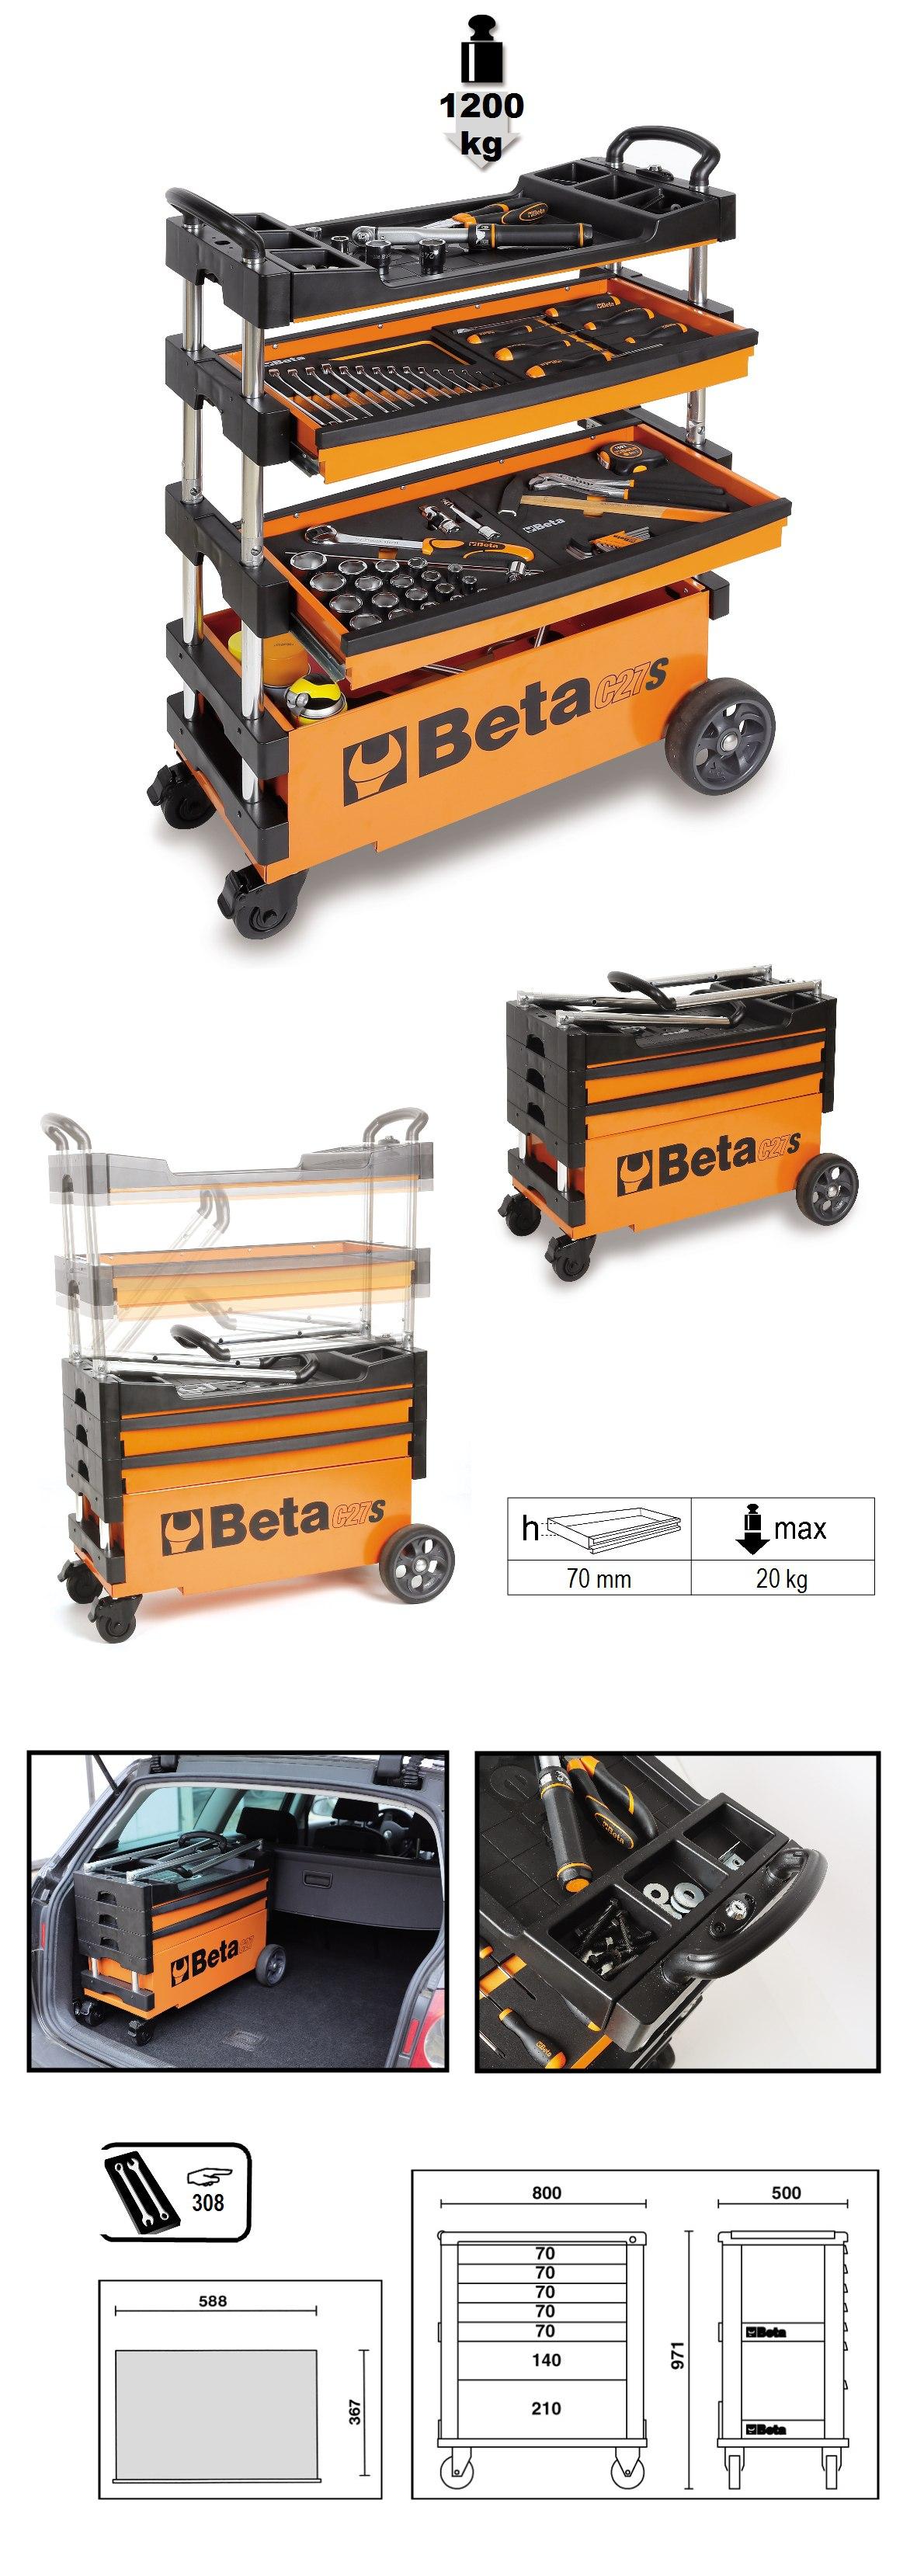 Carro de ferramentas BETA  tipo trolley rebatível para trabalhos ao ar livre